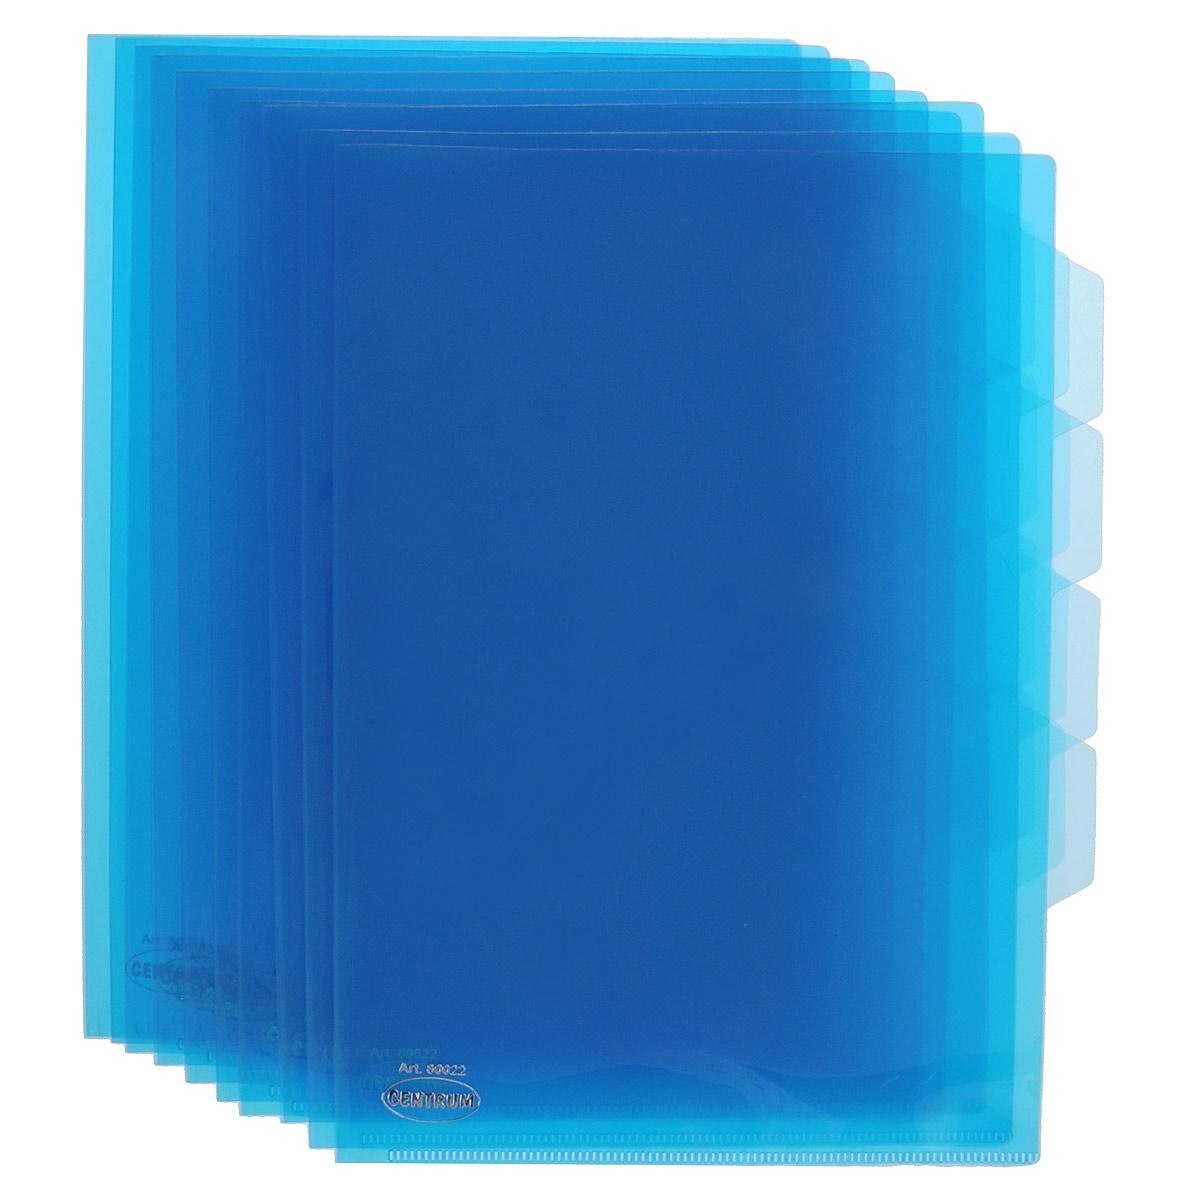 Папка-уголок Сentrum, 3 отделения, цвет: синий. Формат А4, 10 шт80022ОсинийПапка-уголок Centrum - это удобный и практичный офисный инструмент, предназначенный для хранения и транспортировки рабочих бумаг и документов формата А4. Папка изготовлена из прозрачного глянцевого пластика, имеет три отделения с индексами-табуляторами. В комплект входят 10 папок формата А4. Папка-уголок - это незаменимый атрибут для студента, школьника, офисного работника. Такая папка надежно сохранит ваши документы и сбережет их от повреждений, пыли и влаги.